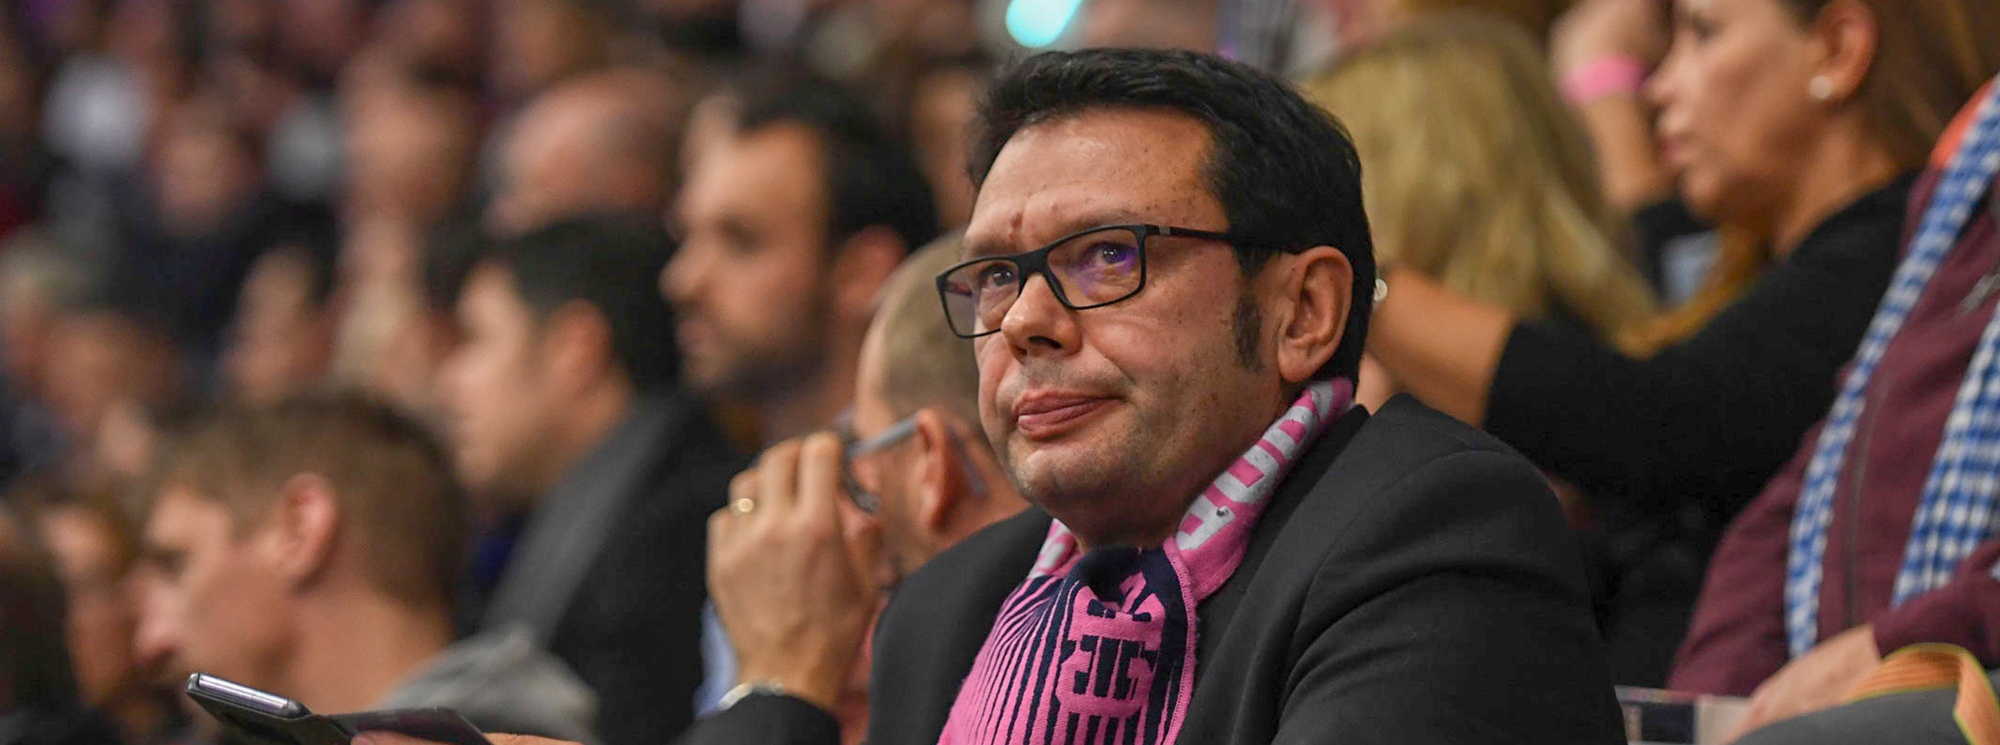 Stéphane Clémenceau, ici en tribune lors d'un match, est président de la SASU du Cesson-Rennes Métropole Handball depuis le 1er juillet 2018.